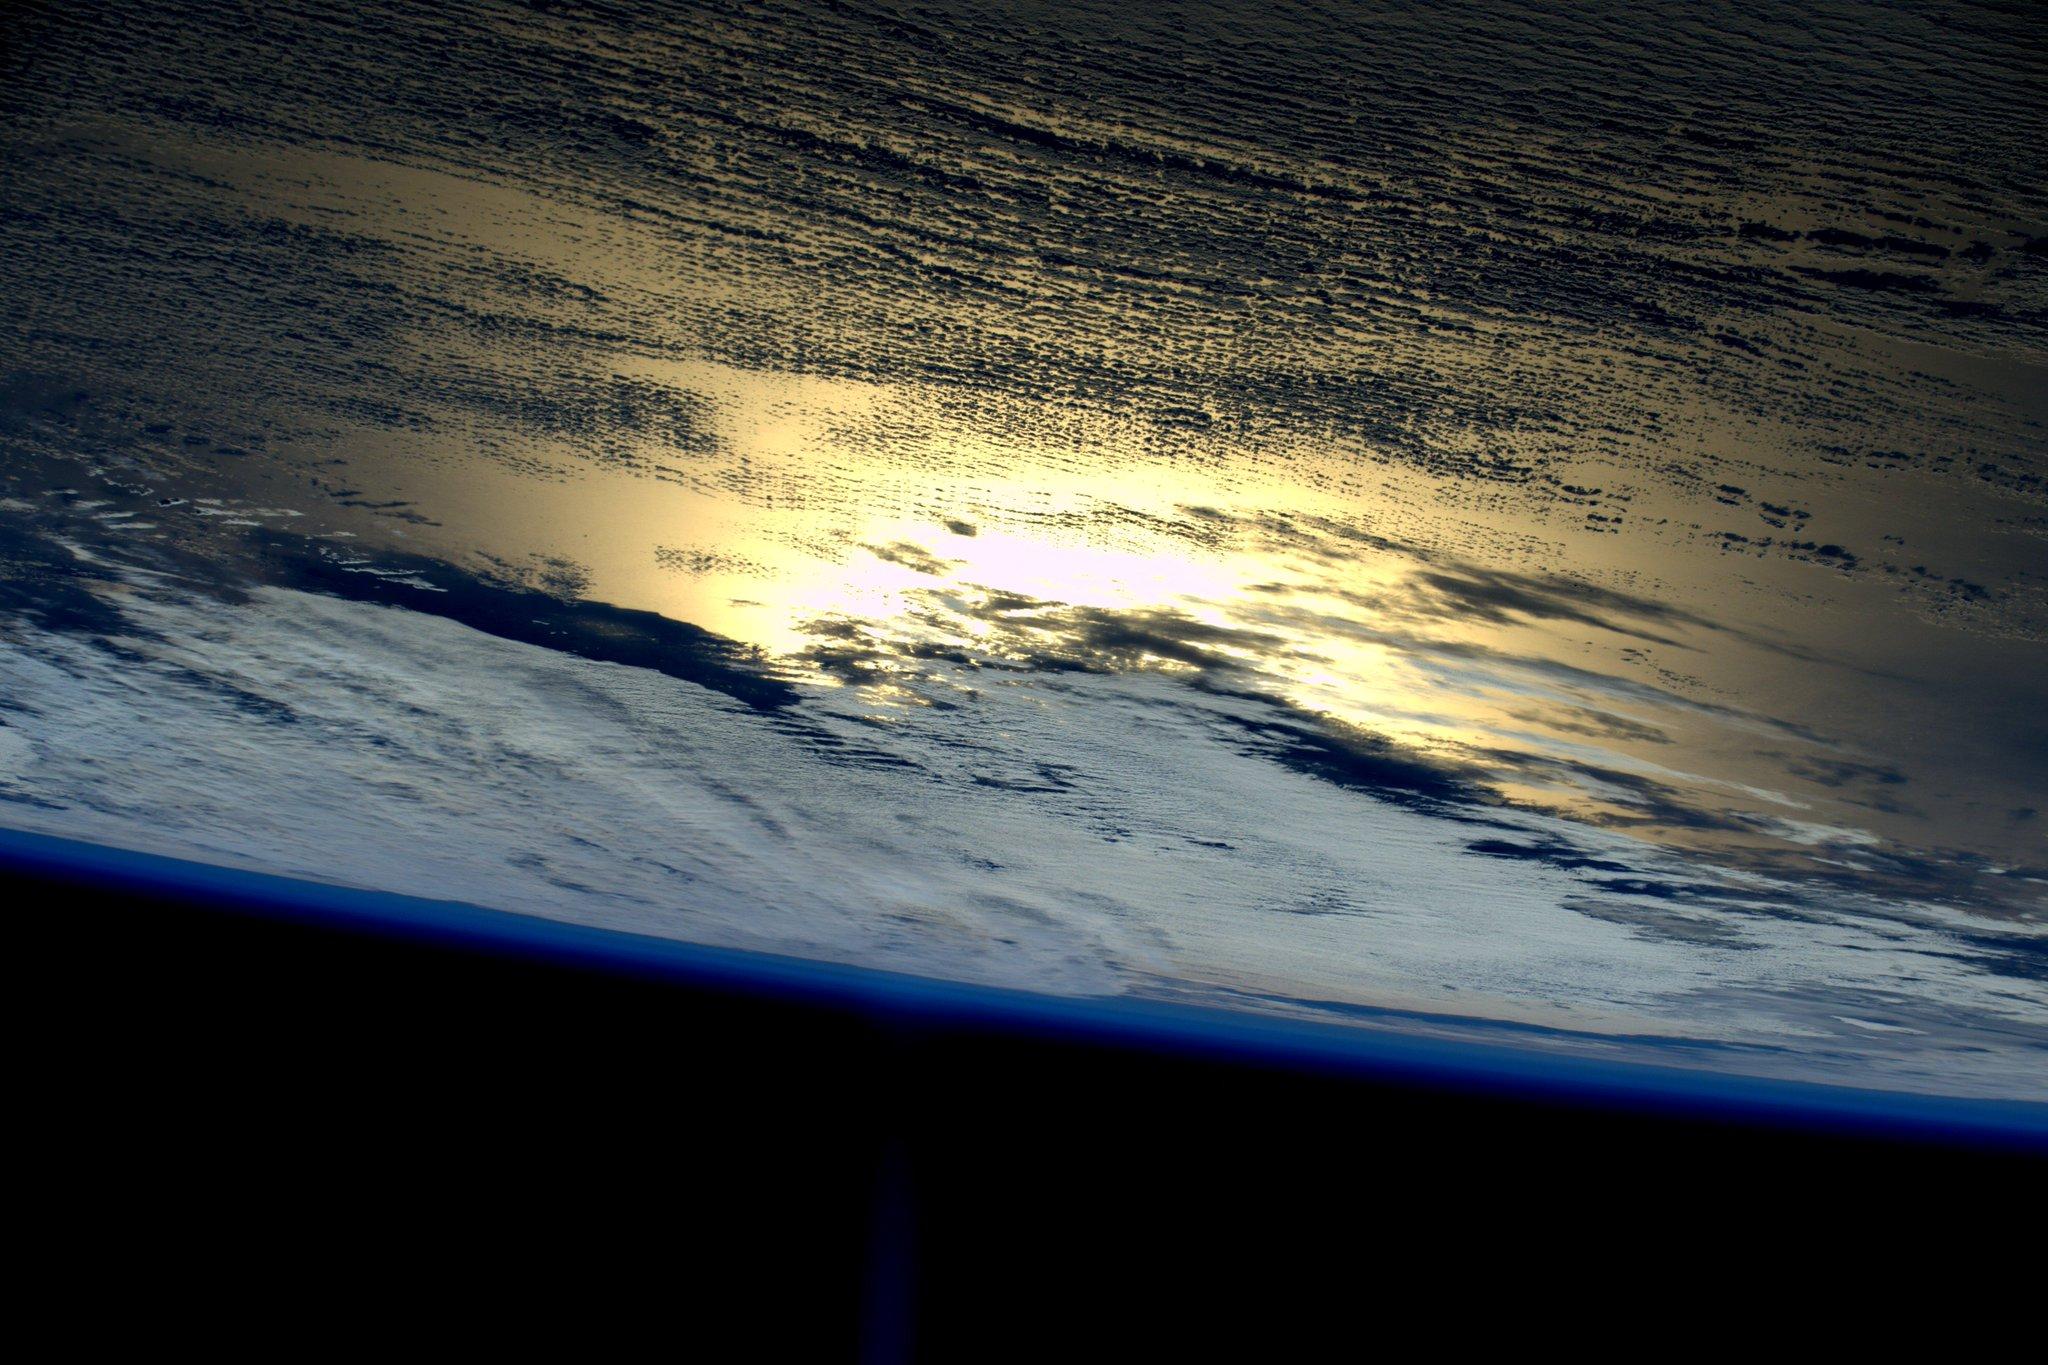 Good night from #space Earth! Buona notte dallo spazio ! http://t.co/TkeFWlyPqo